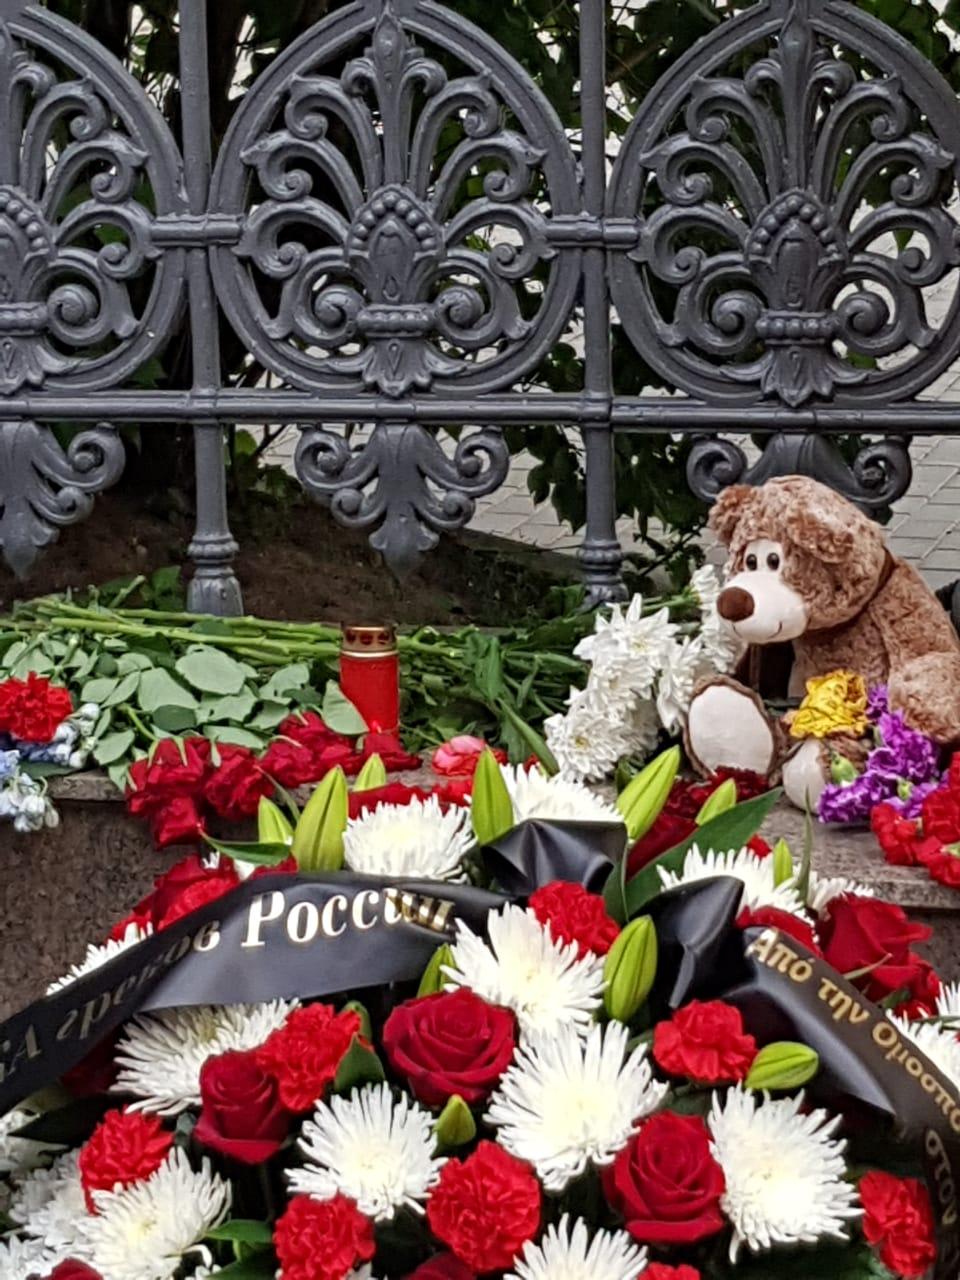 Цветы и мягкие игрушки у здания Посольства Греческой Республики в Москве